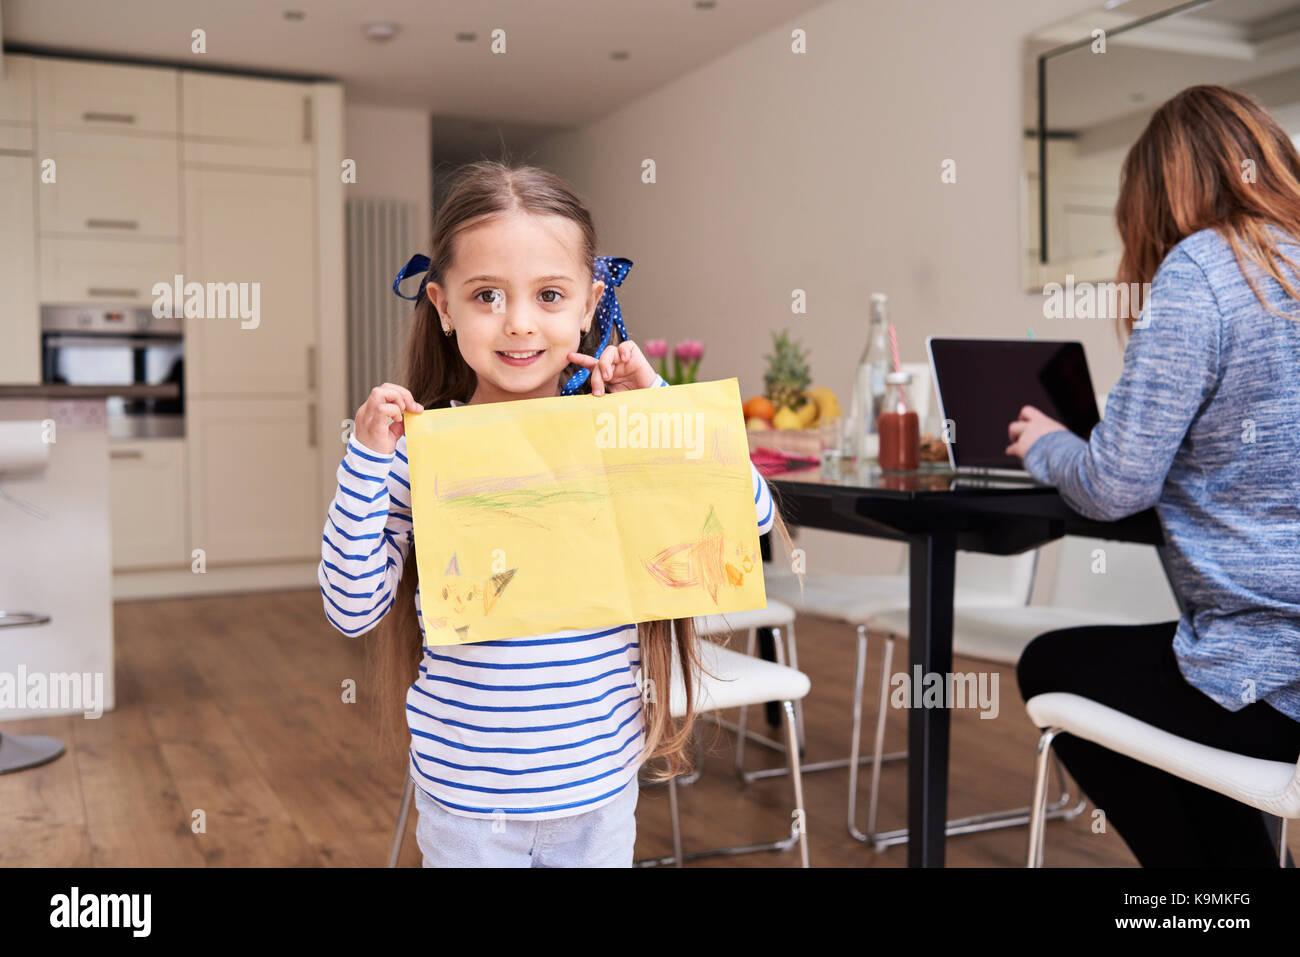 Ritratto di sorridente bambina che mostra il disegno mentre sua madre lavora sul computer portatile in background Immagini Stock